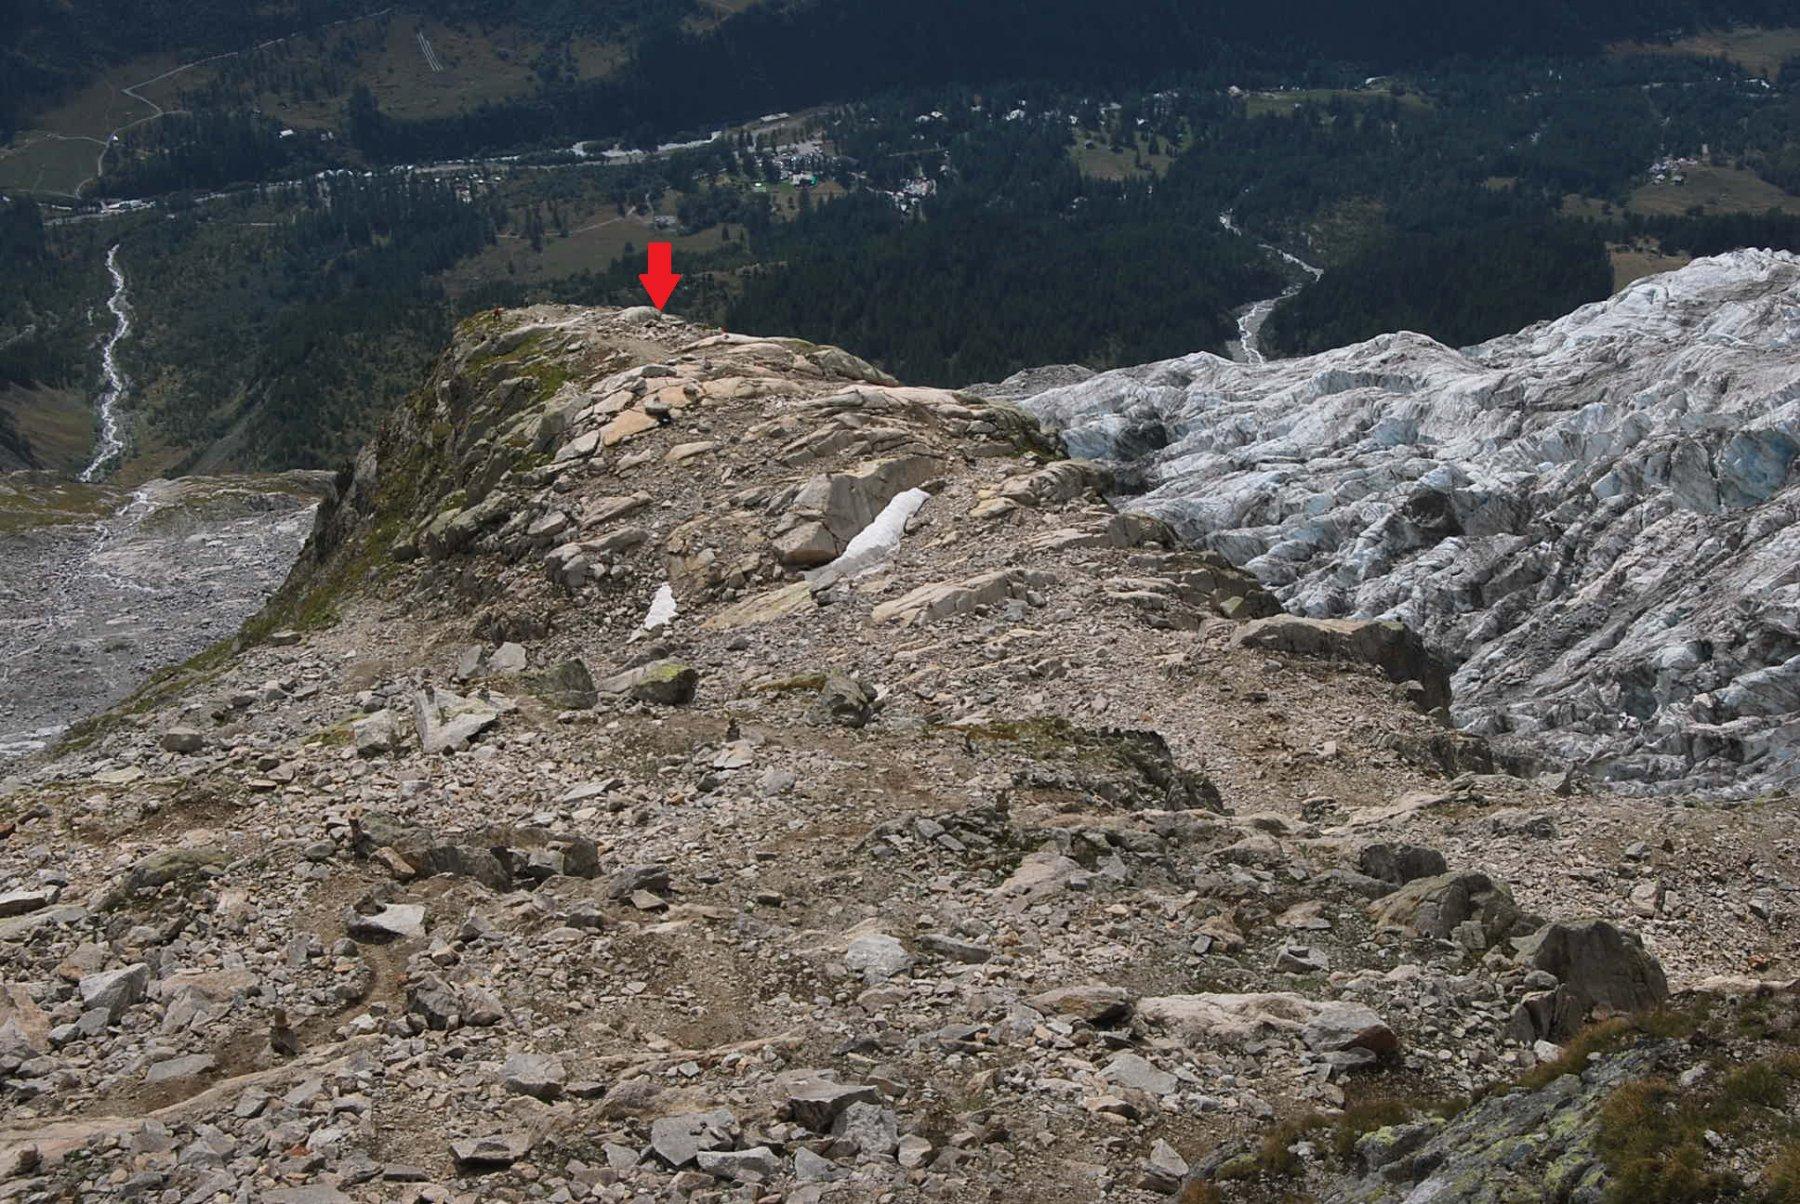 Visto dall'alto lo sperone roccioso su cui si trova il rifugio, indicato dalla freccia.